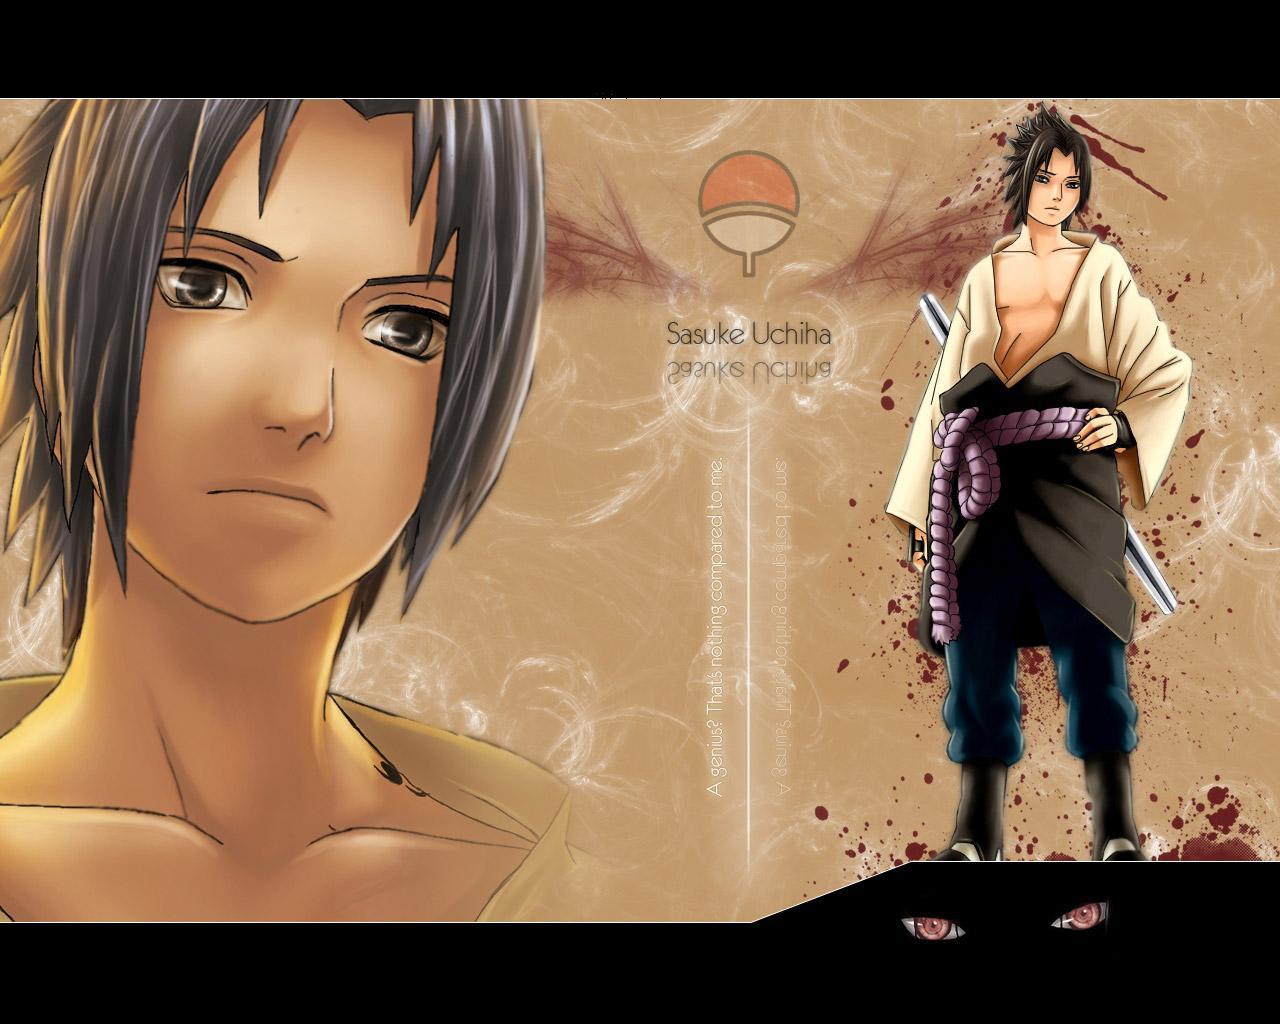 uchiha sasuke+mangekyou sharingan +sasuke uchiha wallpapers asuke shippud nsasuke uchiha chidori nagashi+ sasuke uchiha akatsukisasuke shari +sasuke+uchiha shippudi